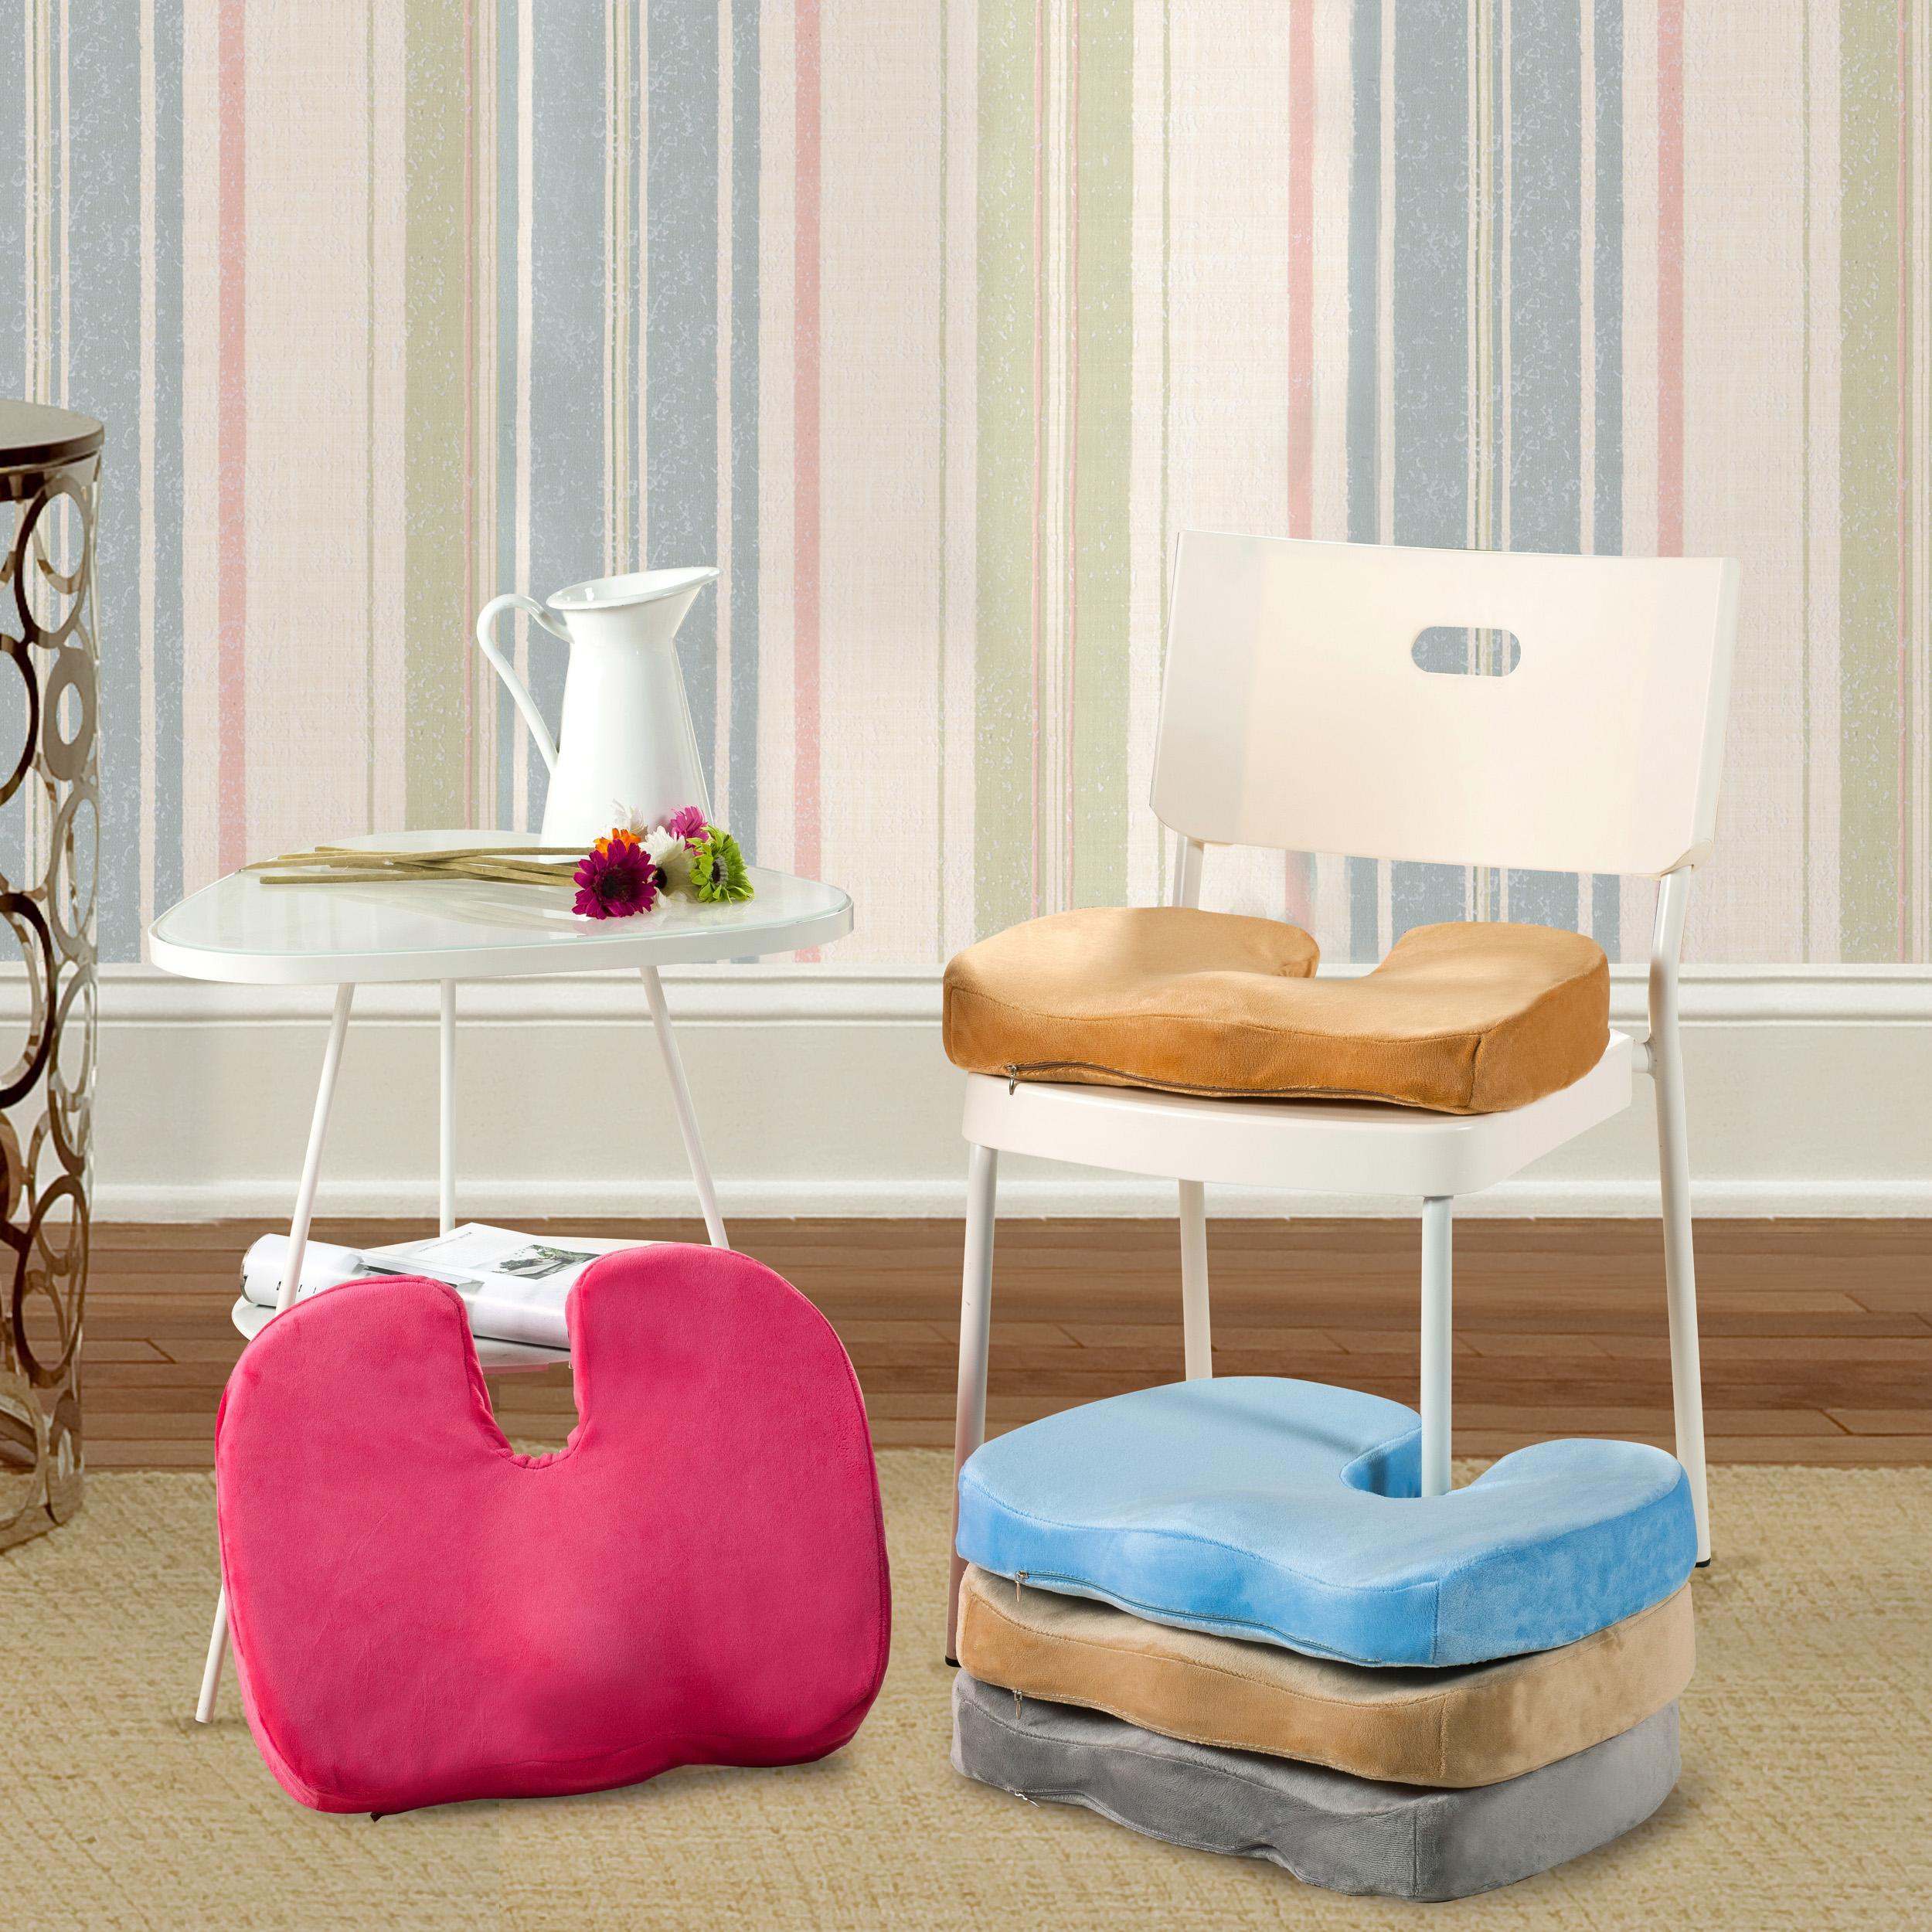 Velvet Cushion Nice Bottom Velvet Memory Foam Seat Cushion For Chair Car Offi